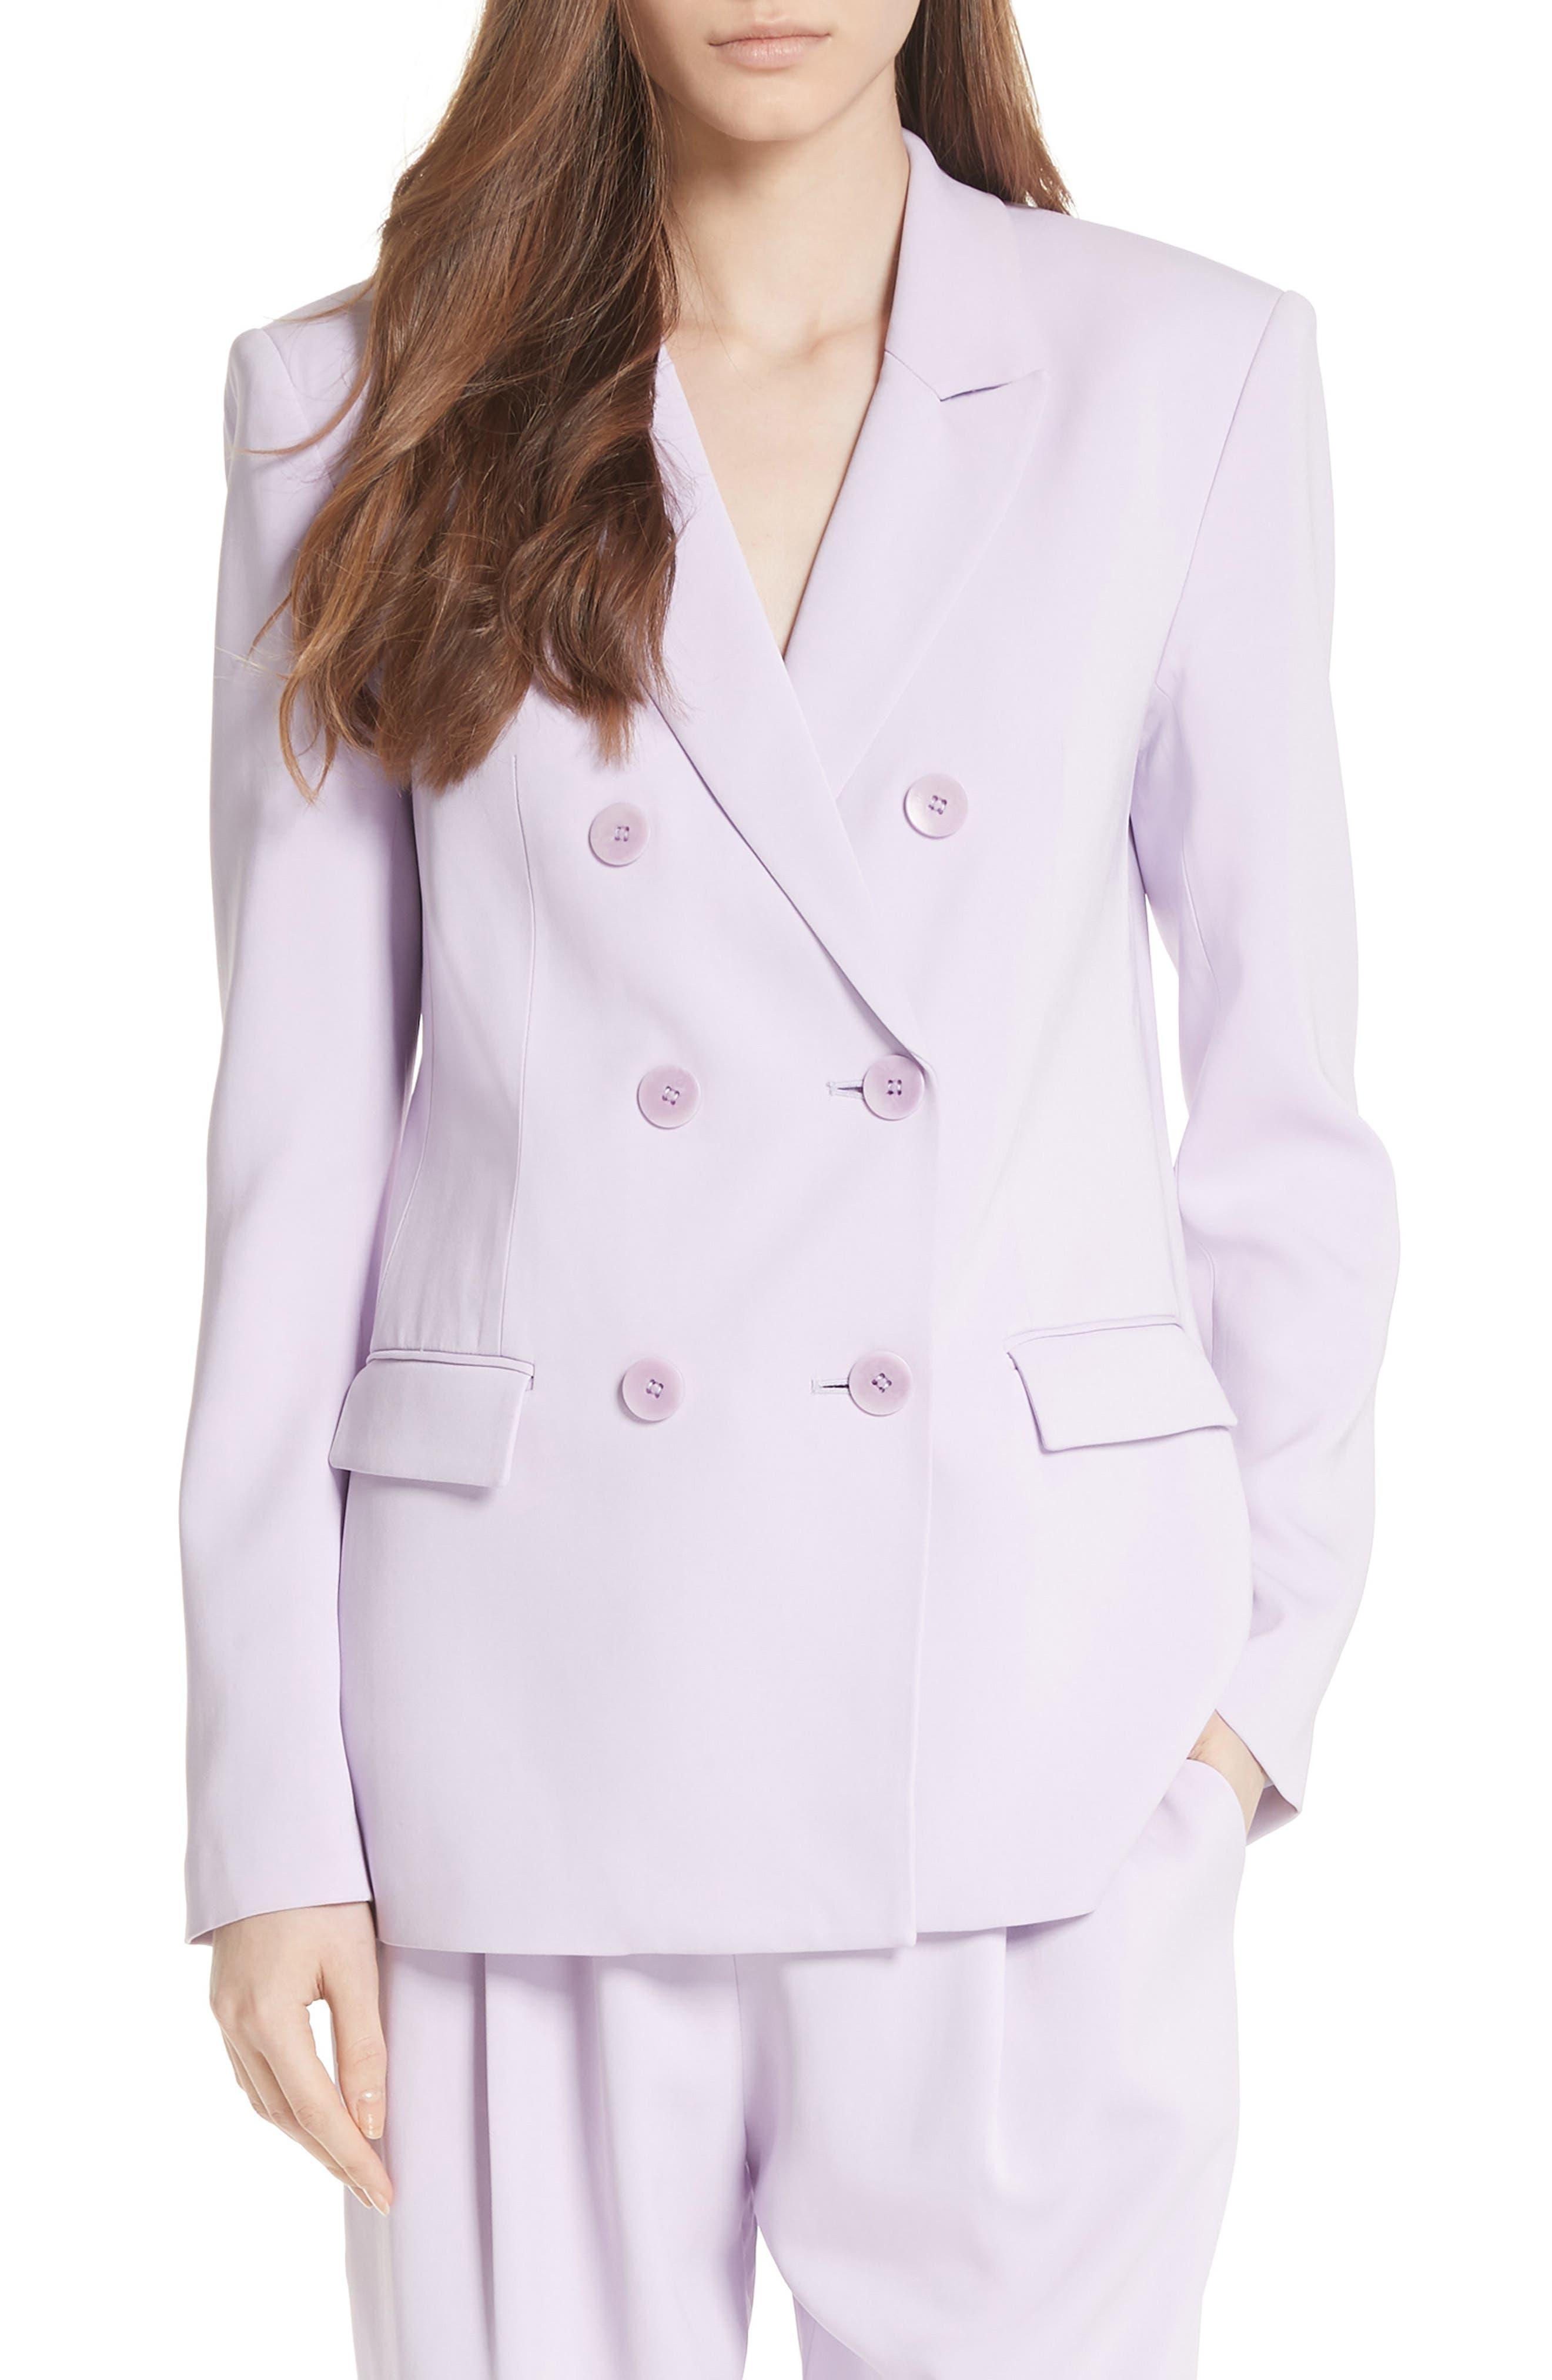 Steward Suit Jacket,                             Main thumbnail 1, color,                             Lavender